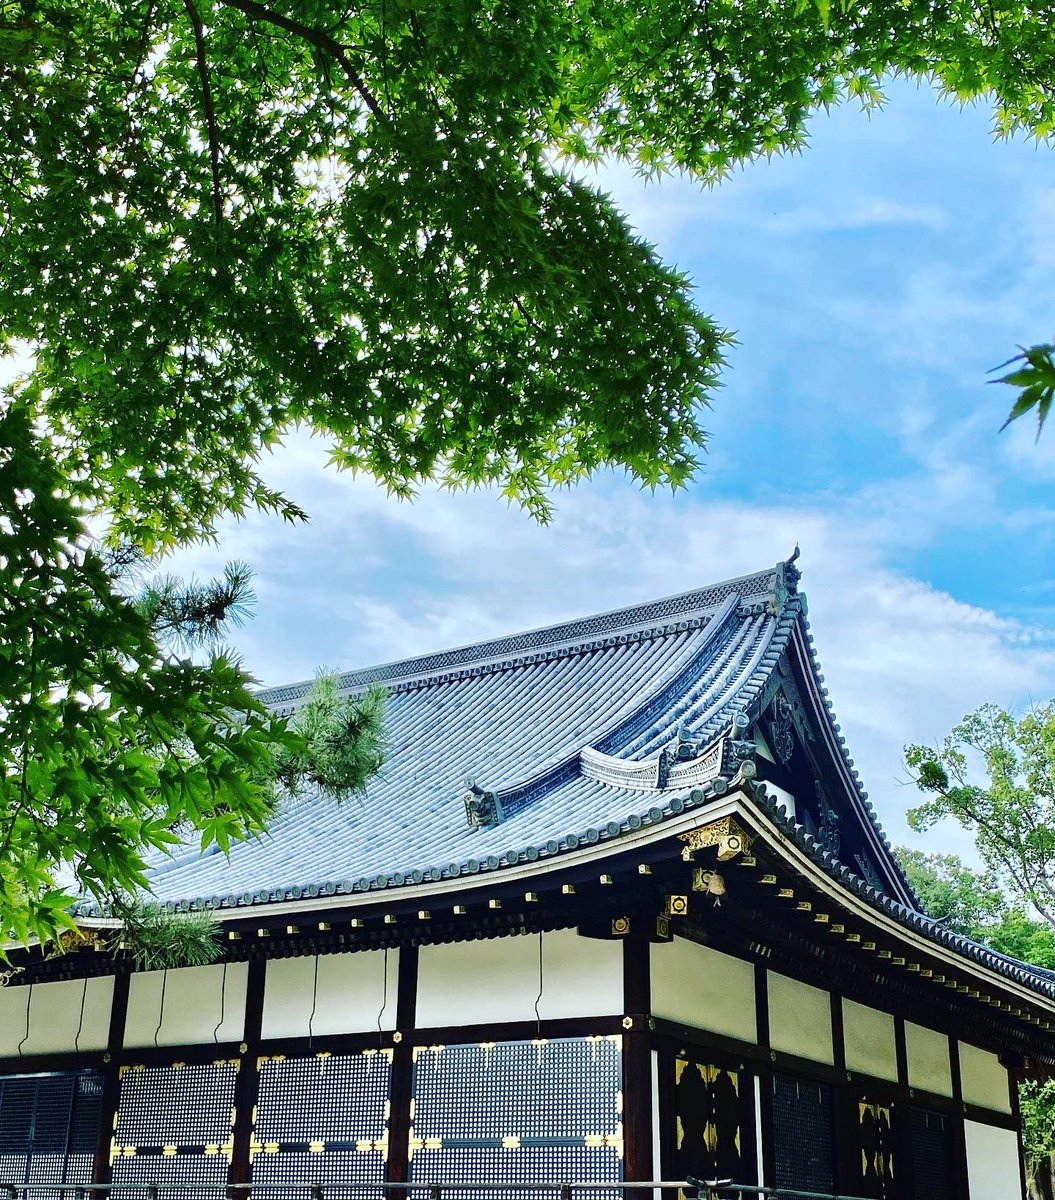 マスクで更に暑い夏、水分補給と熱中症対策を忘れずに💦#仁和寺